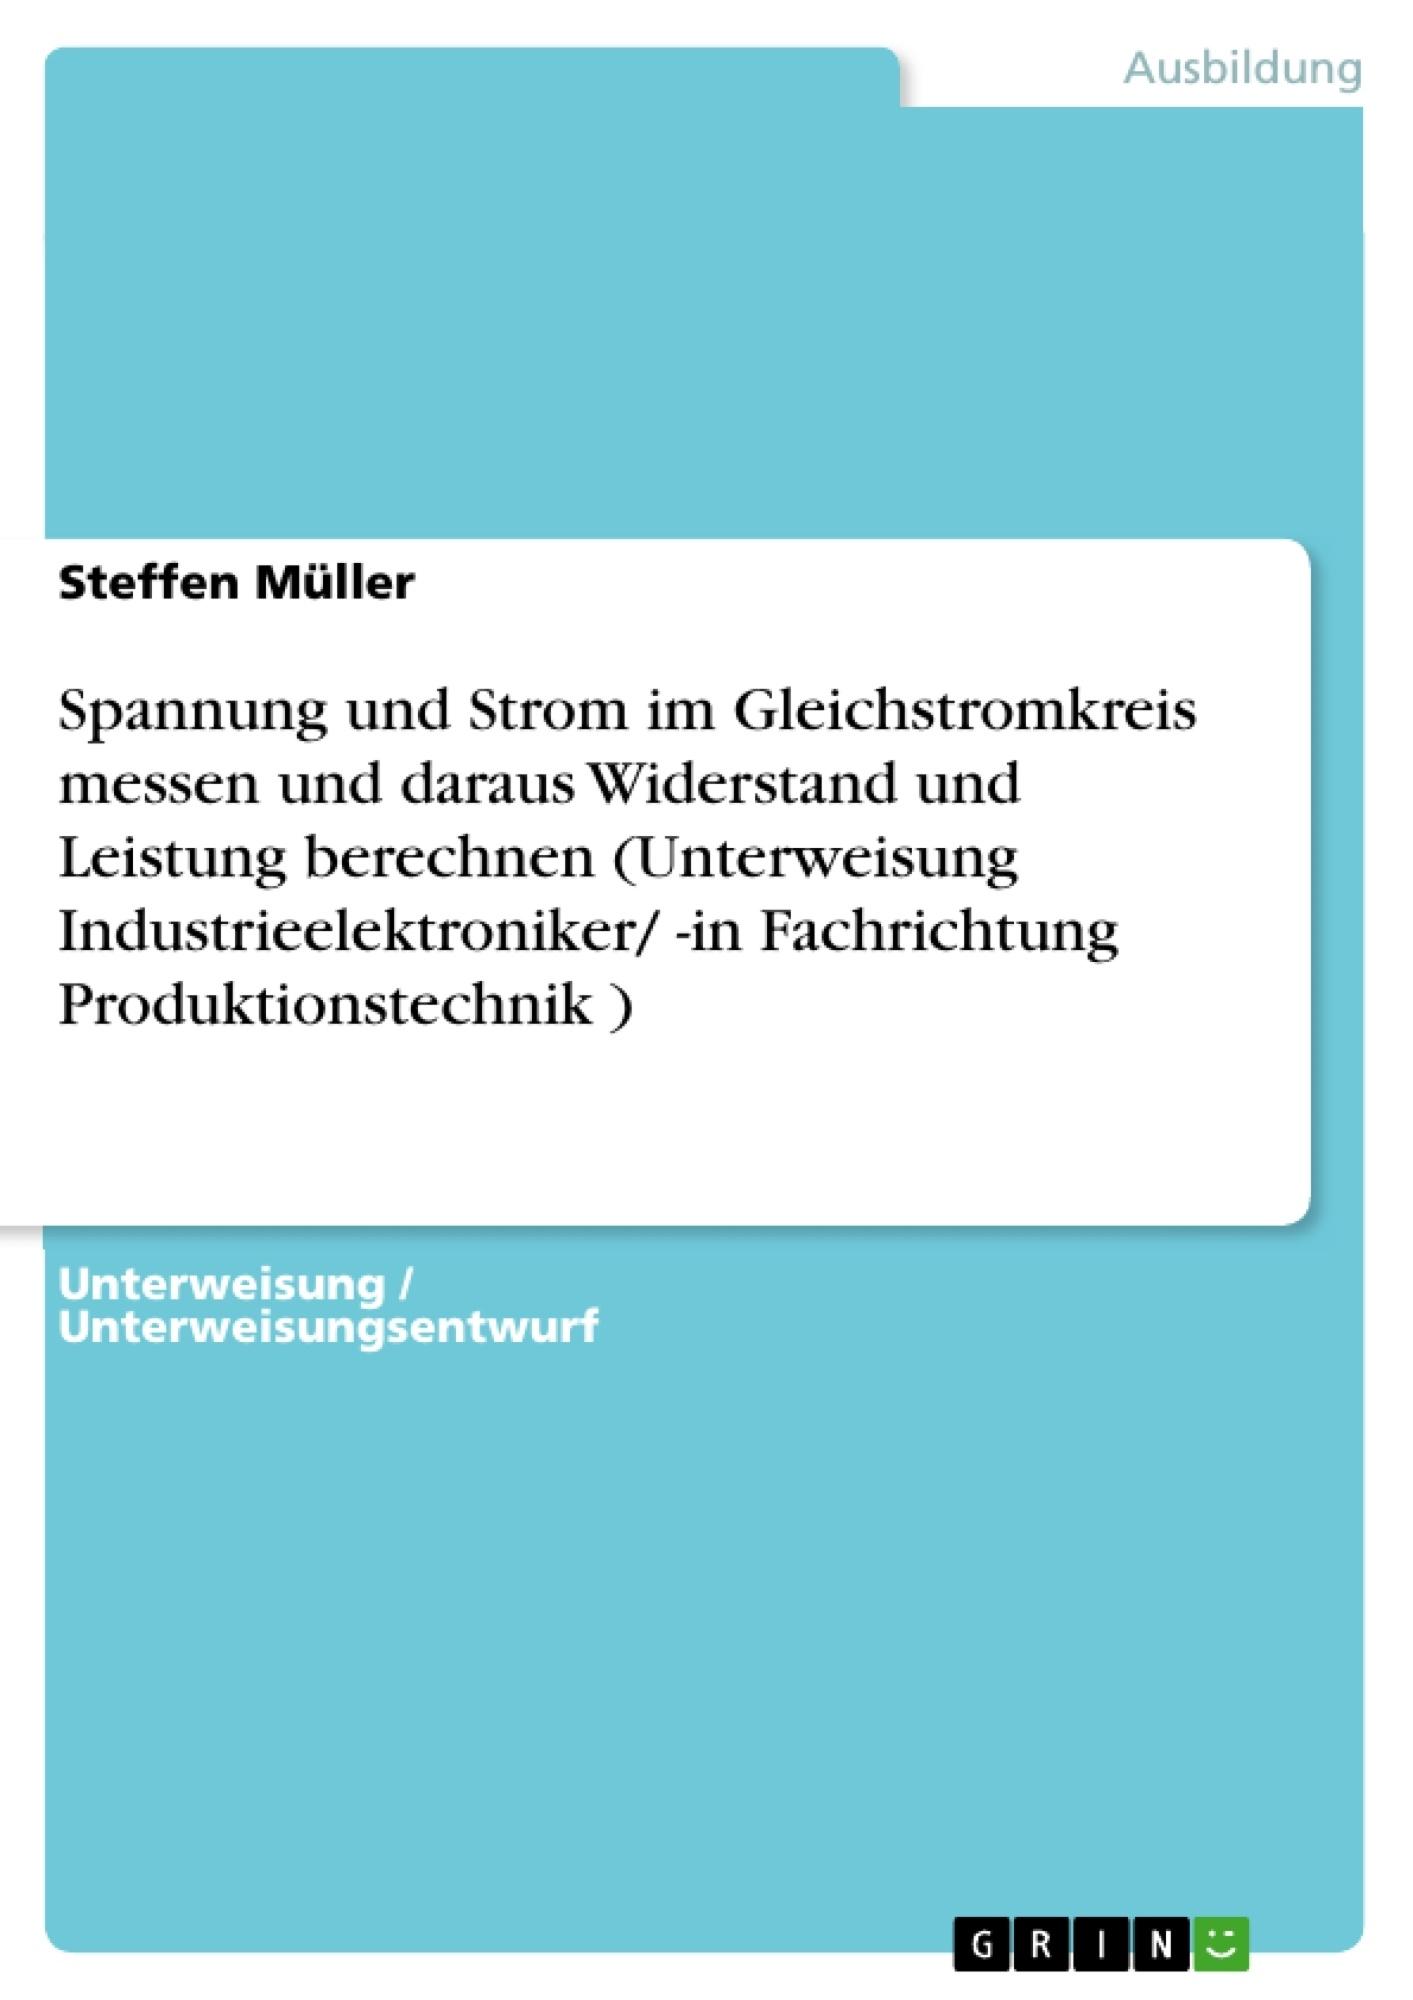 Titel: Spannung und Strom im Gleichstromkreis messen und daraus Widerstand und Leistung berechnen (Unterweisung Industrieelektroniker/ -in Fachrichtung Produktionstechnik )